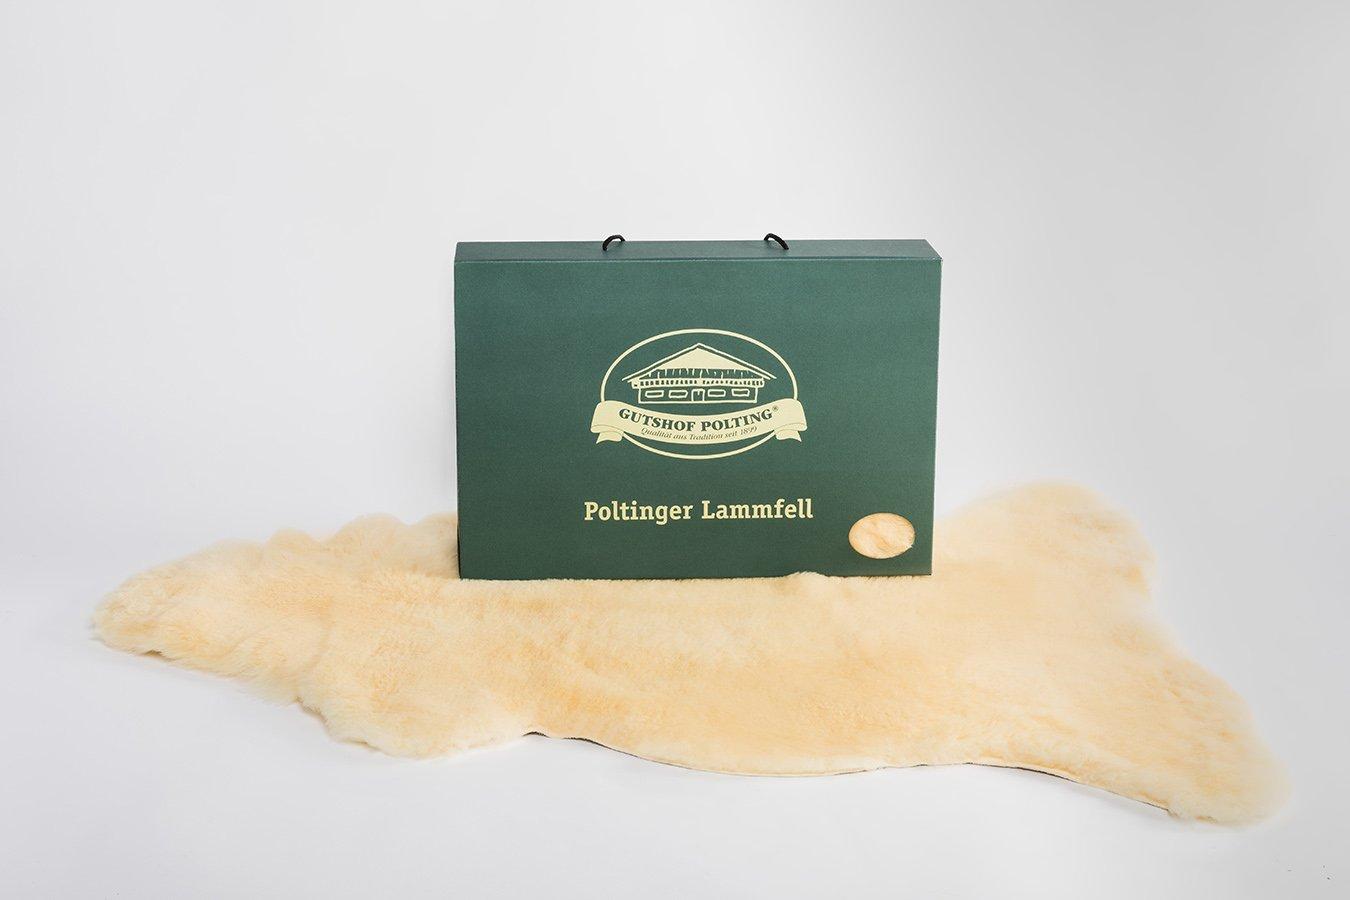 100% bayrisches Merino Lammfell aus eigener Schafhaltung, antiallergen, ökologisch gegerbt, geschoren, waschbar, 100-120cm, in Geschenkbox (Poltinger Lammell)